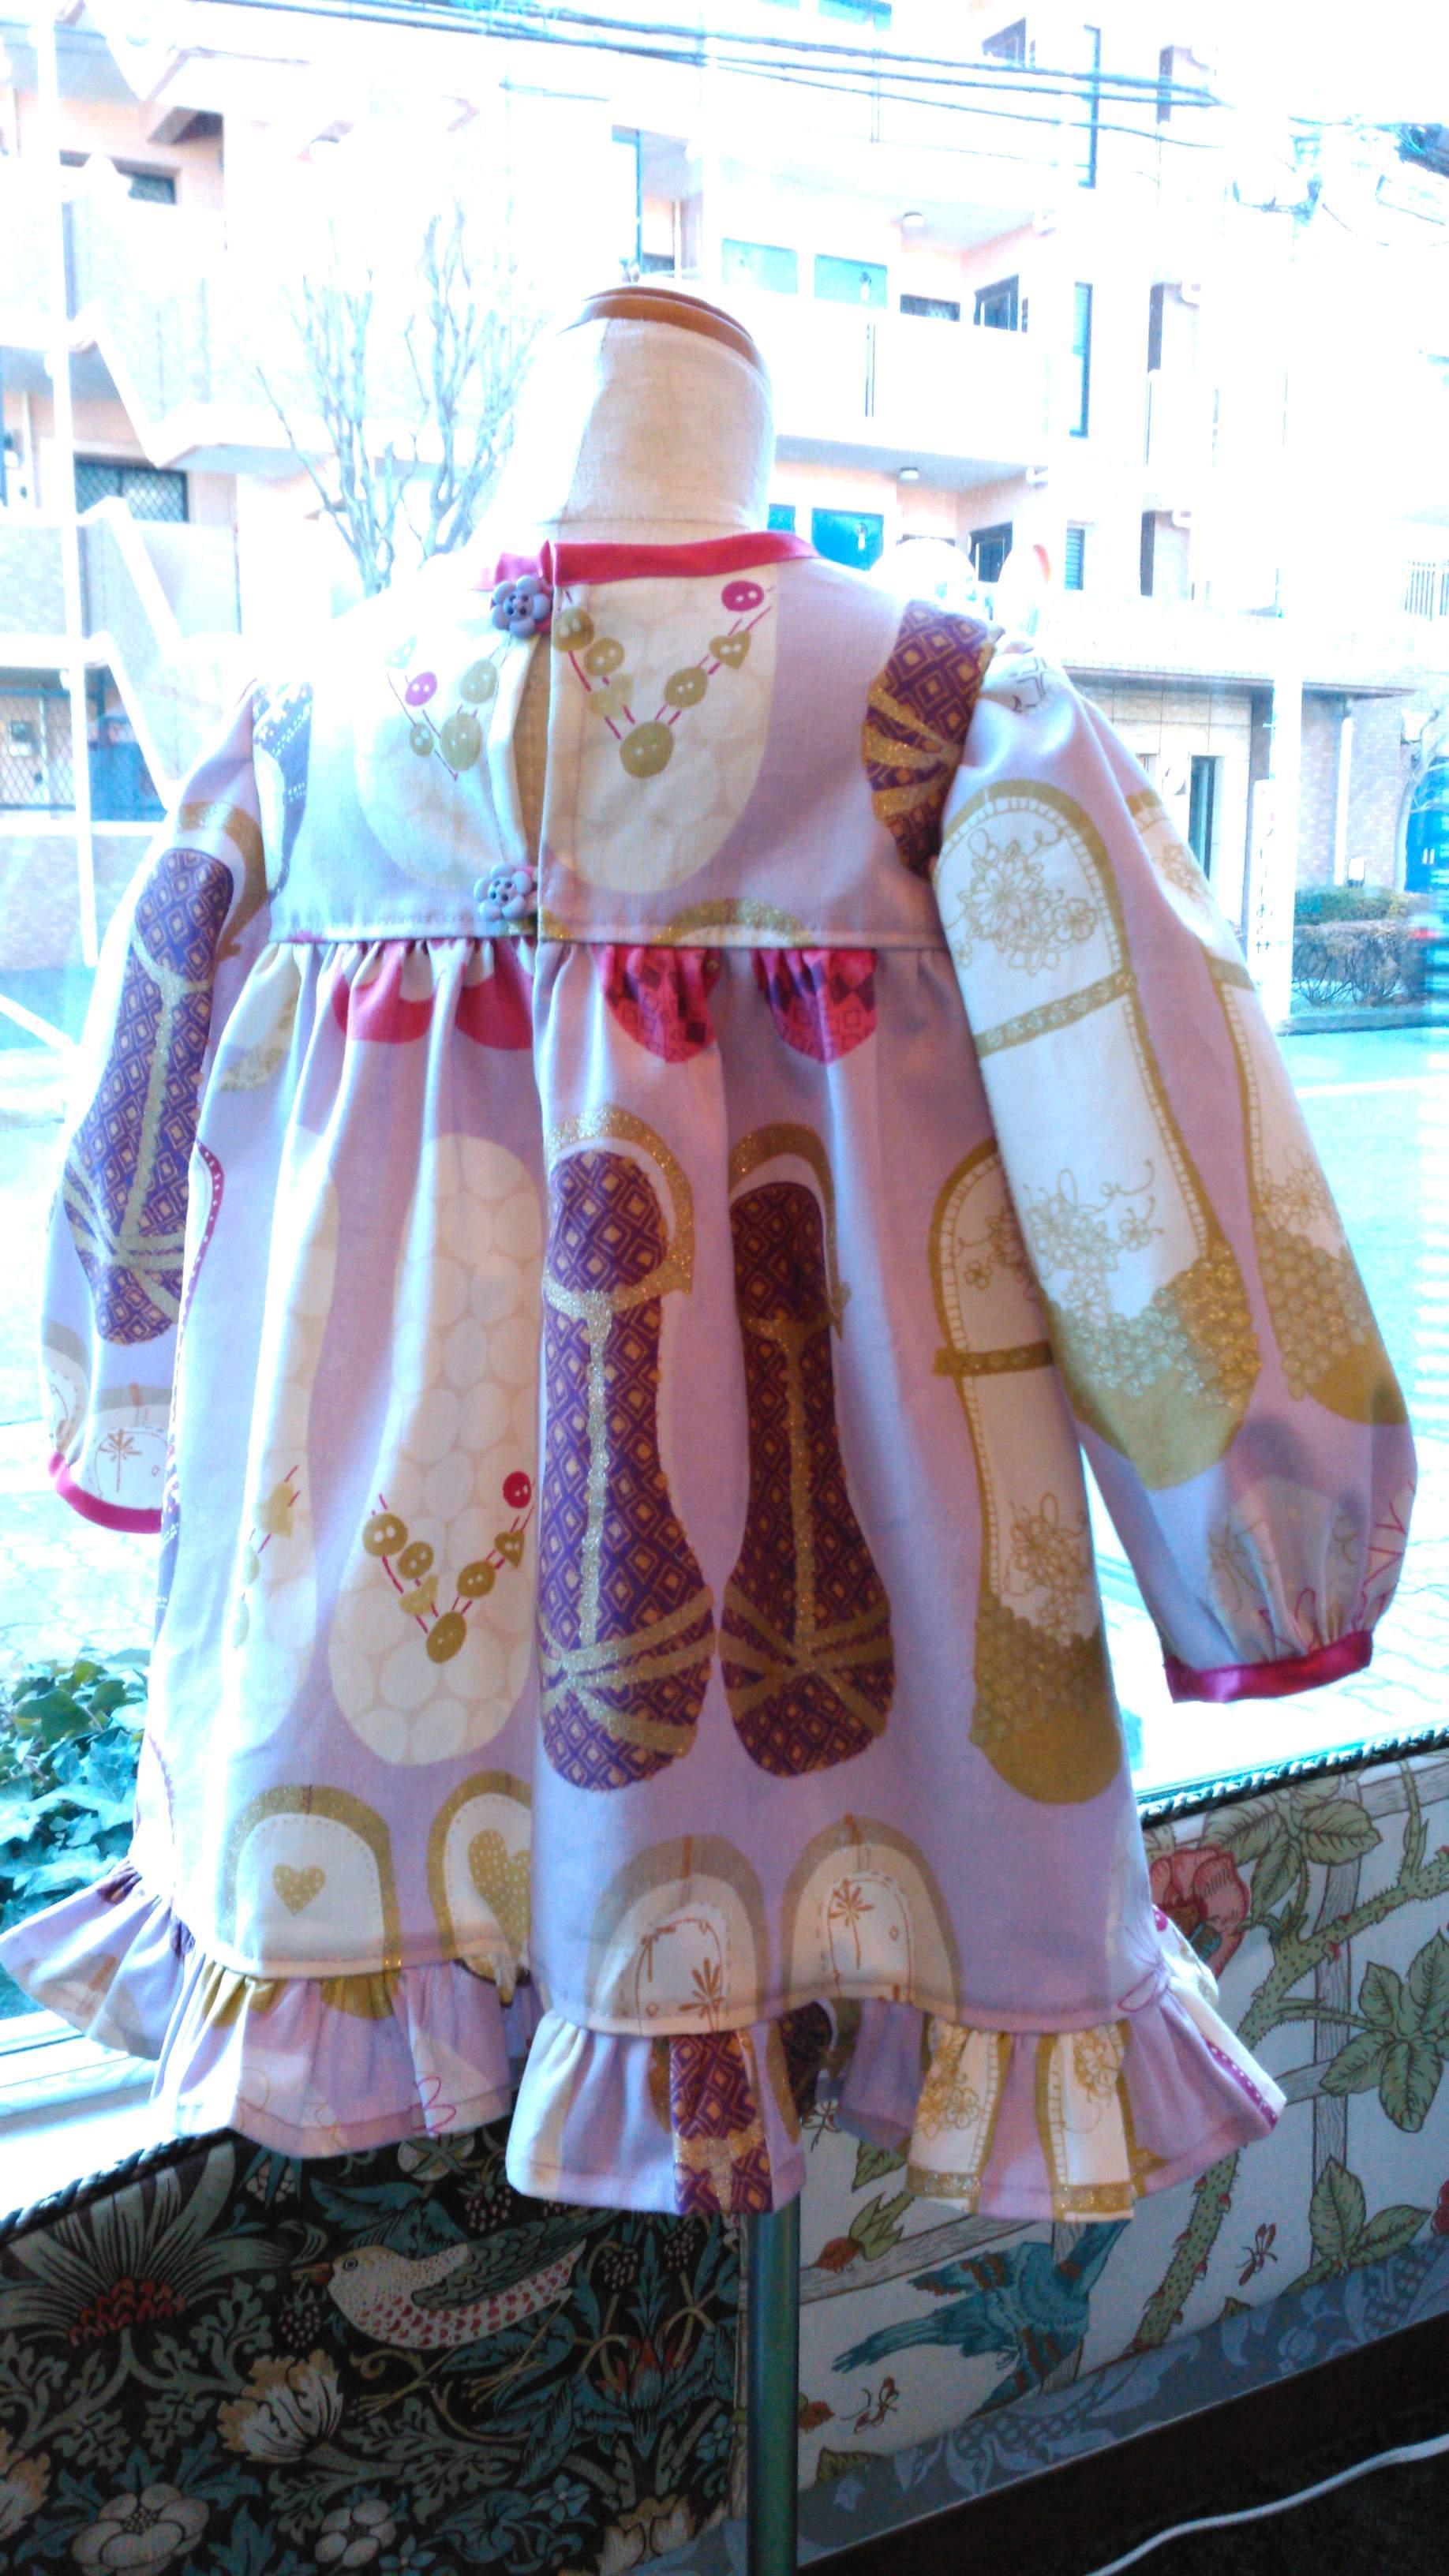 カーテン生地で作る子供服 イギリス『ハーレクイン』_c0157866_12271623.jpg